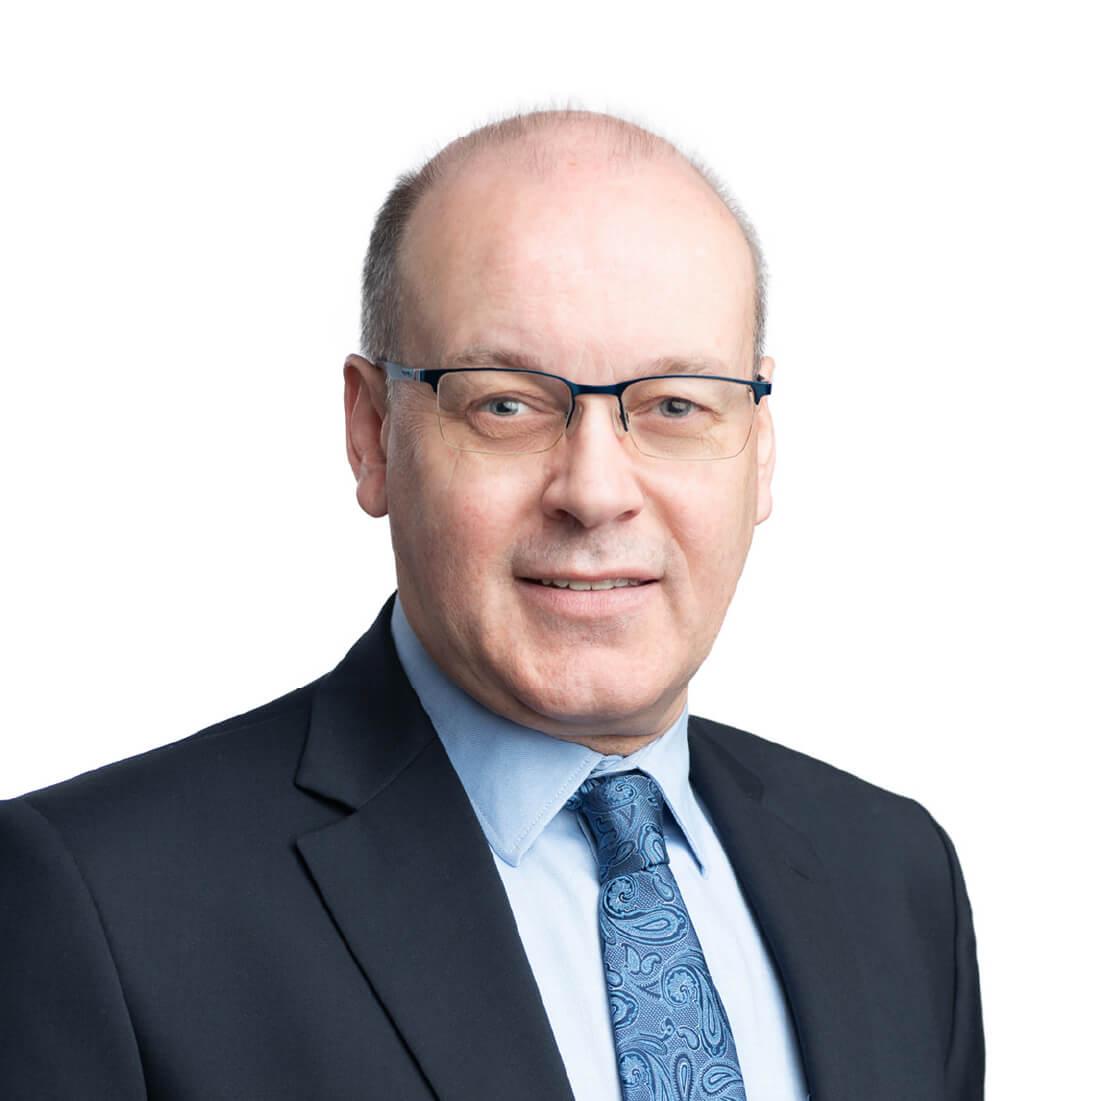 Simon Orme